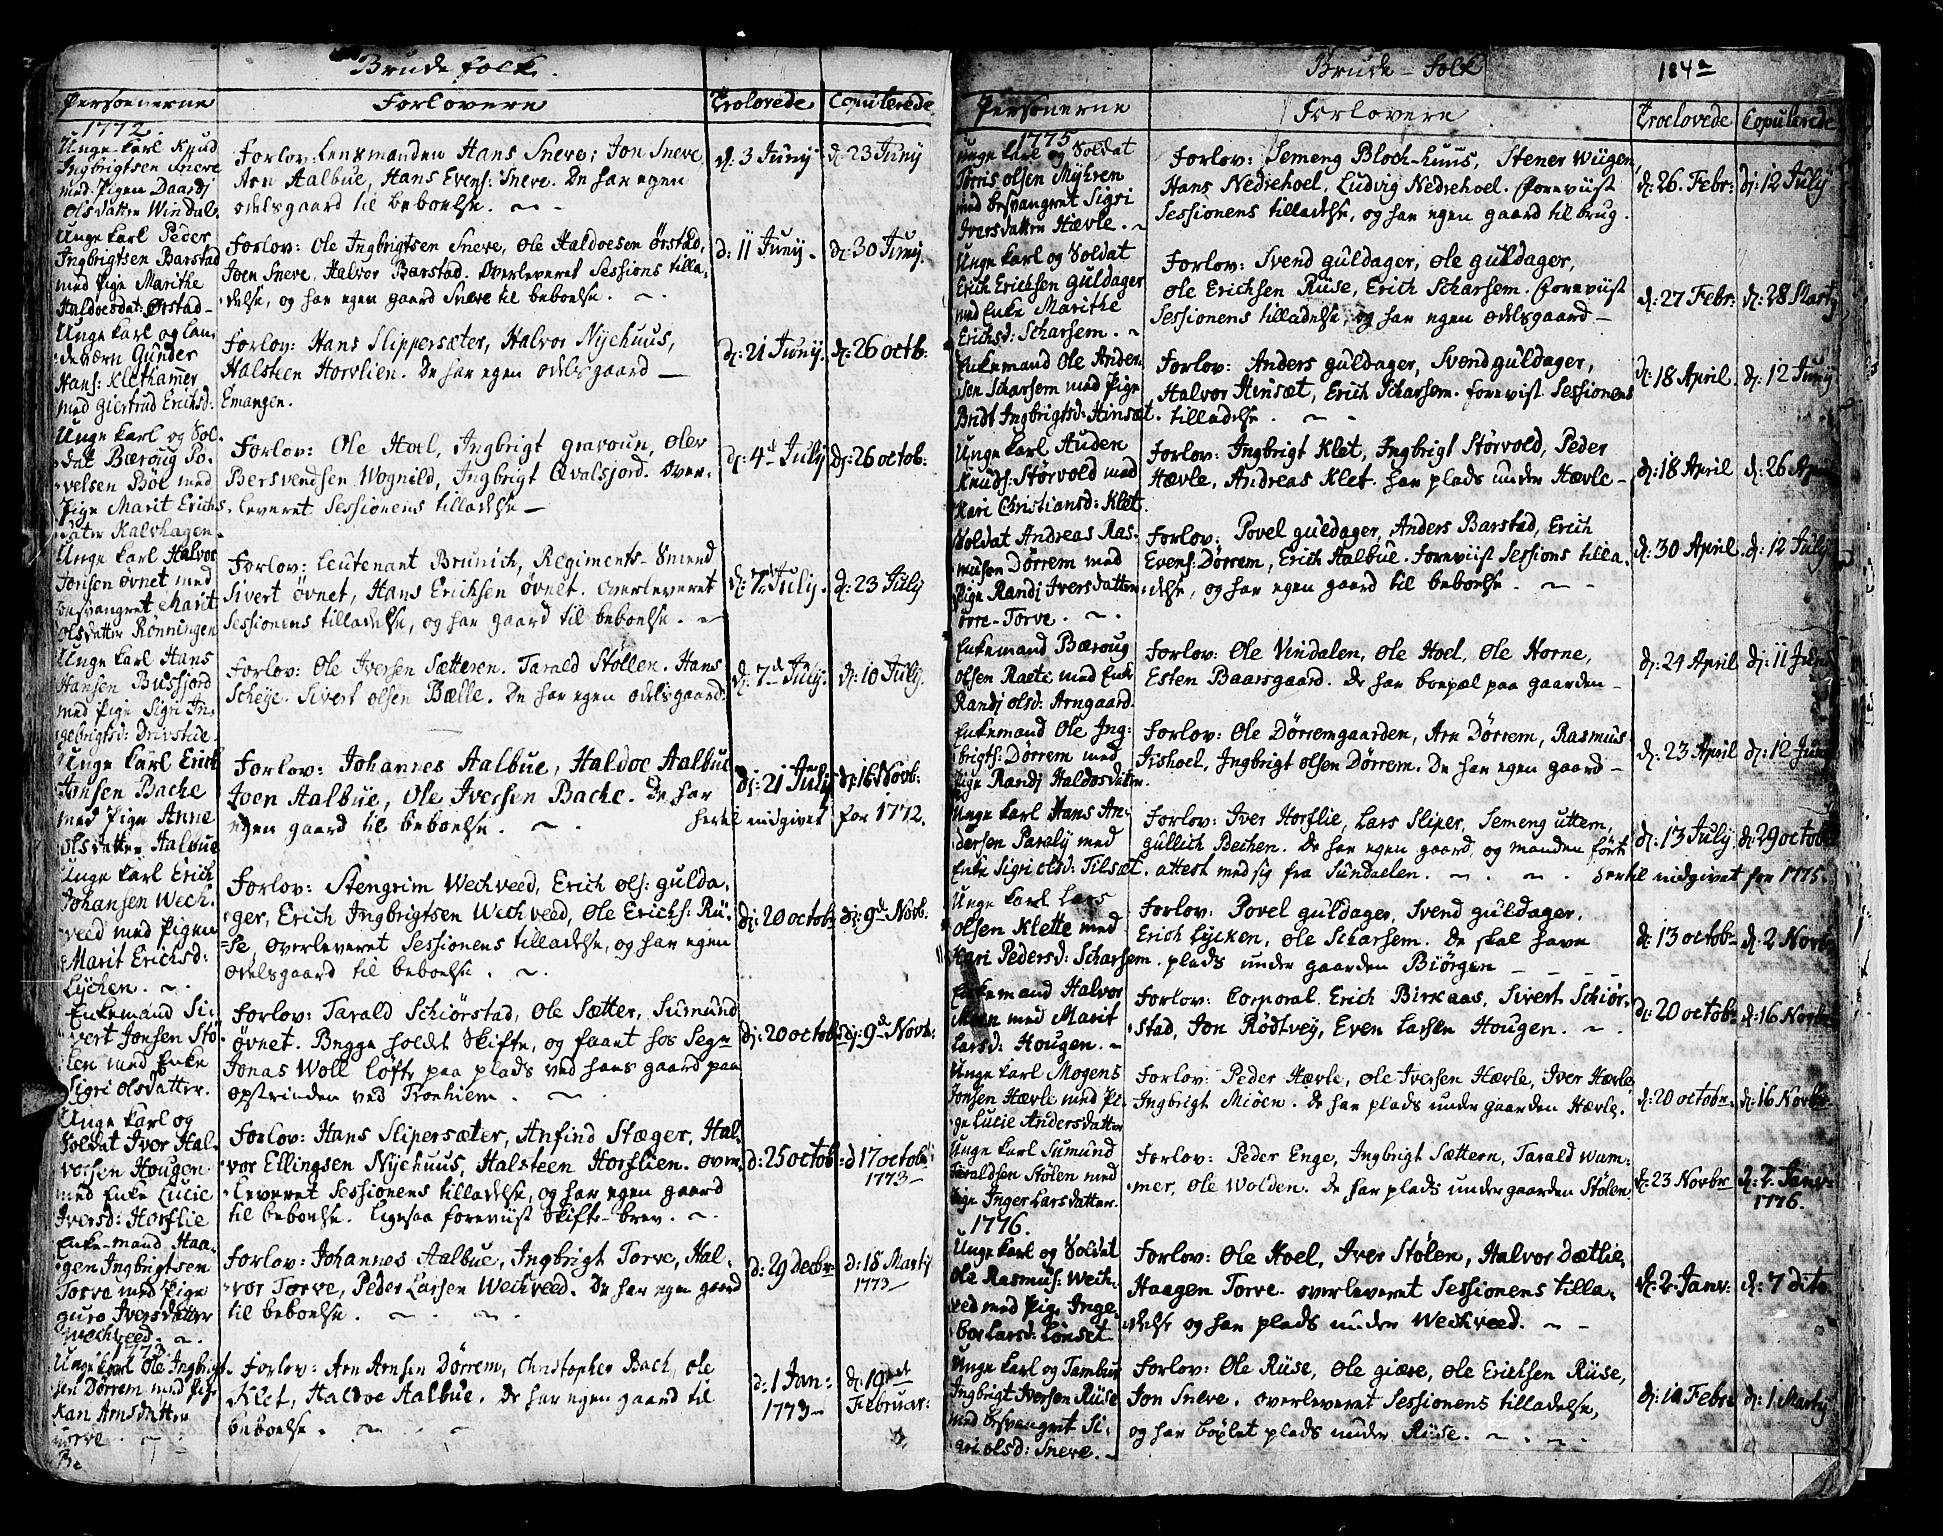 SAT, Ministerialprotokoller, klokkerbøker og fødselsregistre - Sør-Trøndelag, 678/L0891: Ministerialbok nr. 678A01, 1739-1780, s. 184b